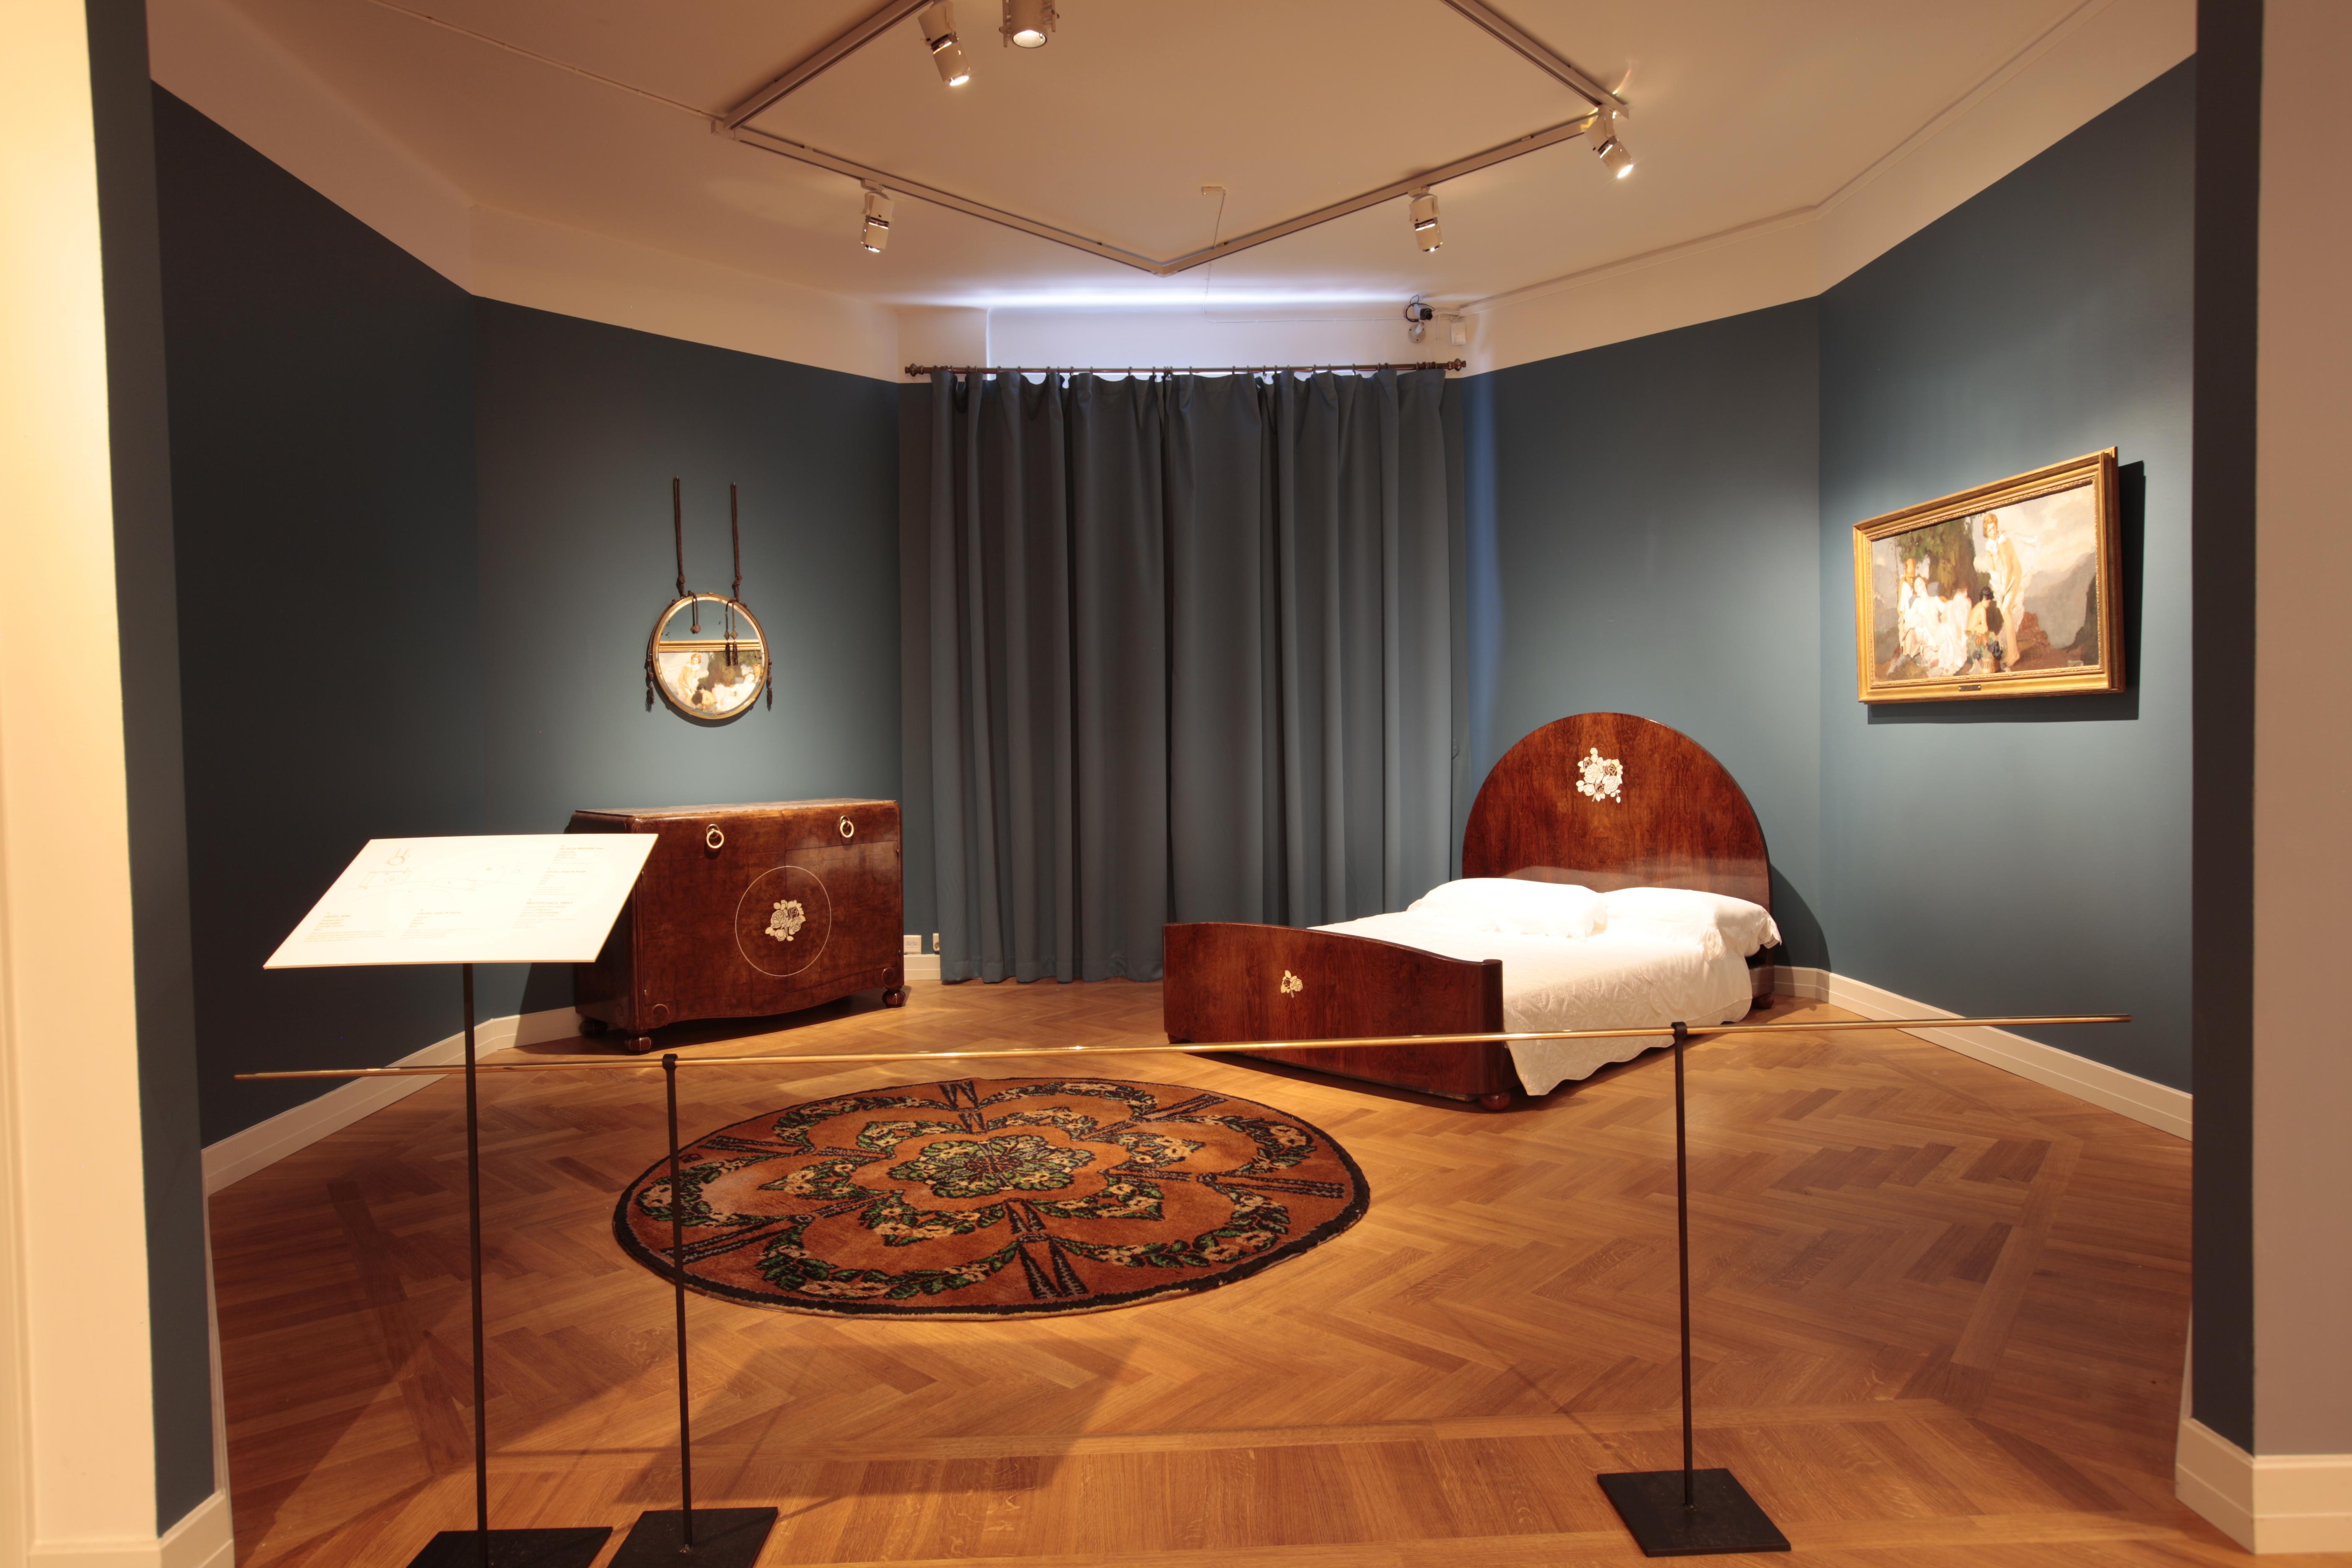 Virtual Tour Art Deco And The Arts Le Rel Cest L